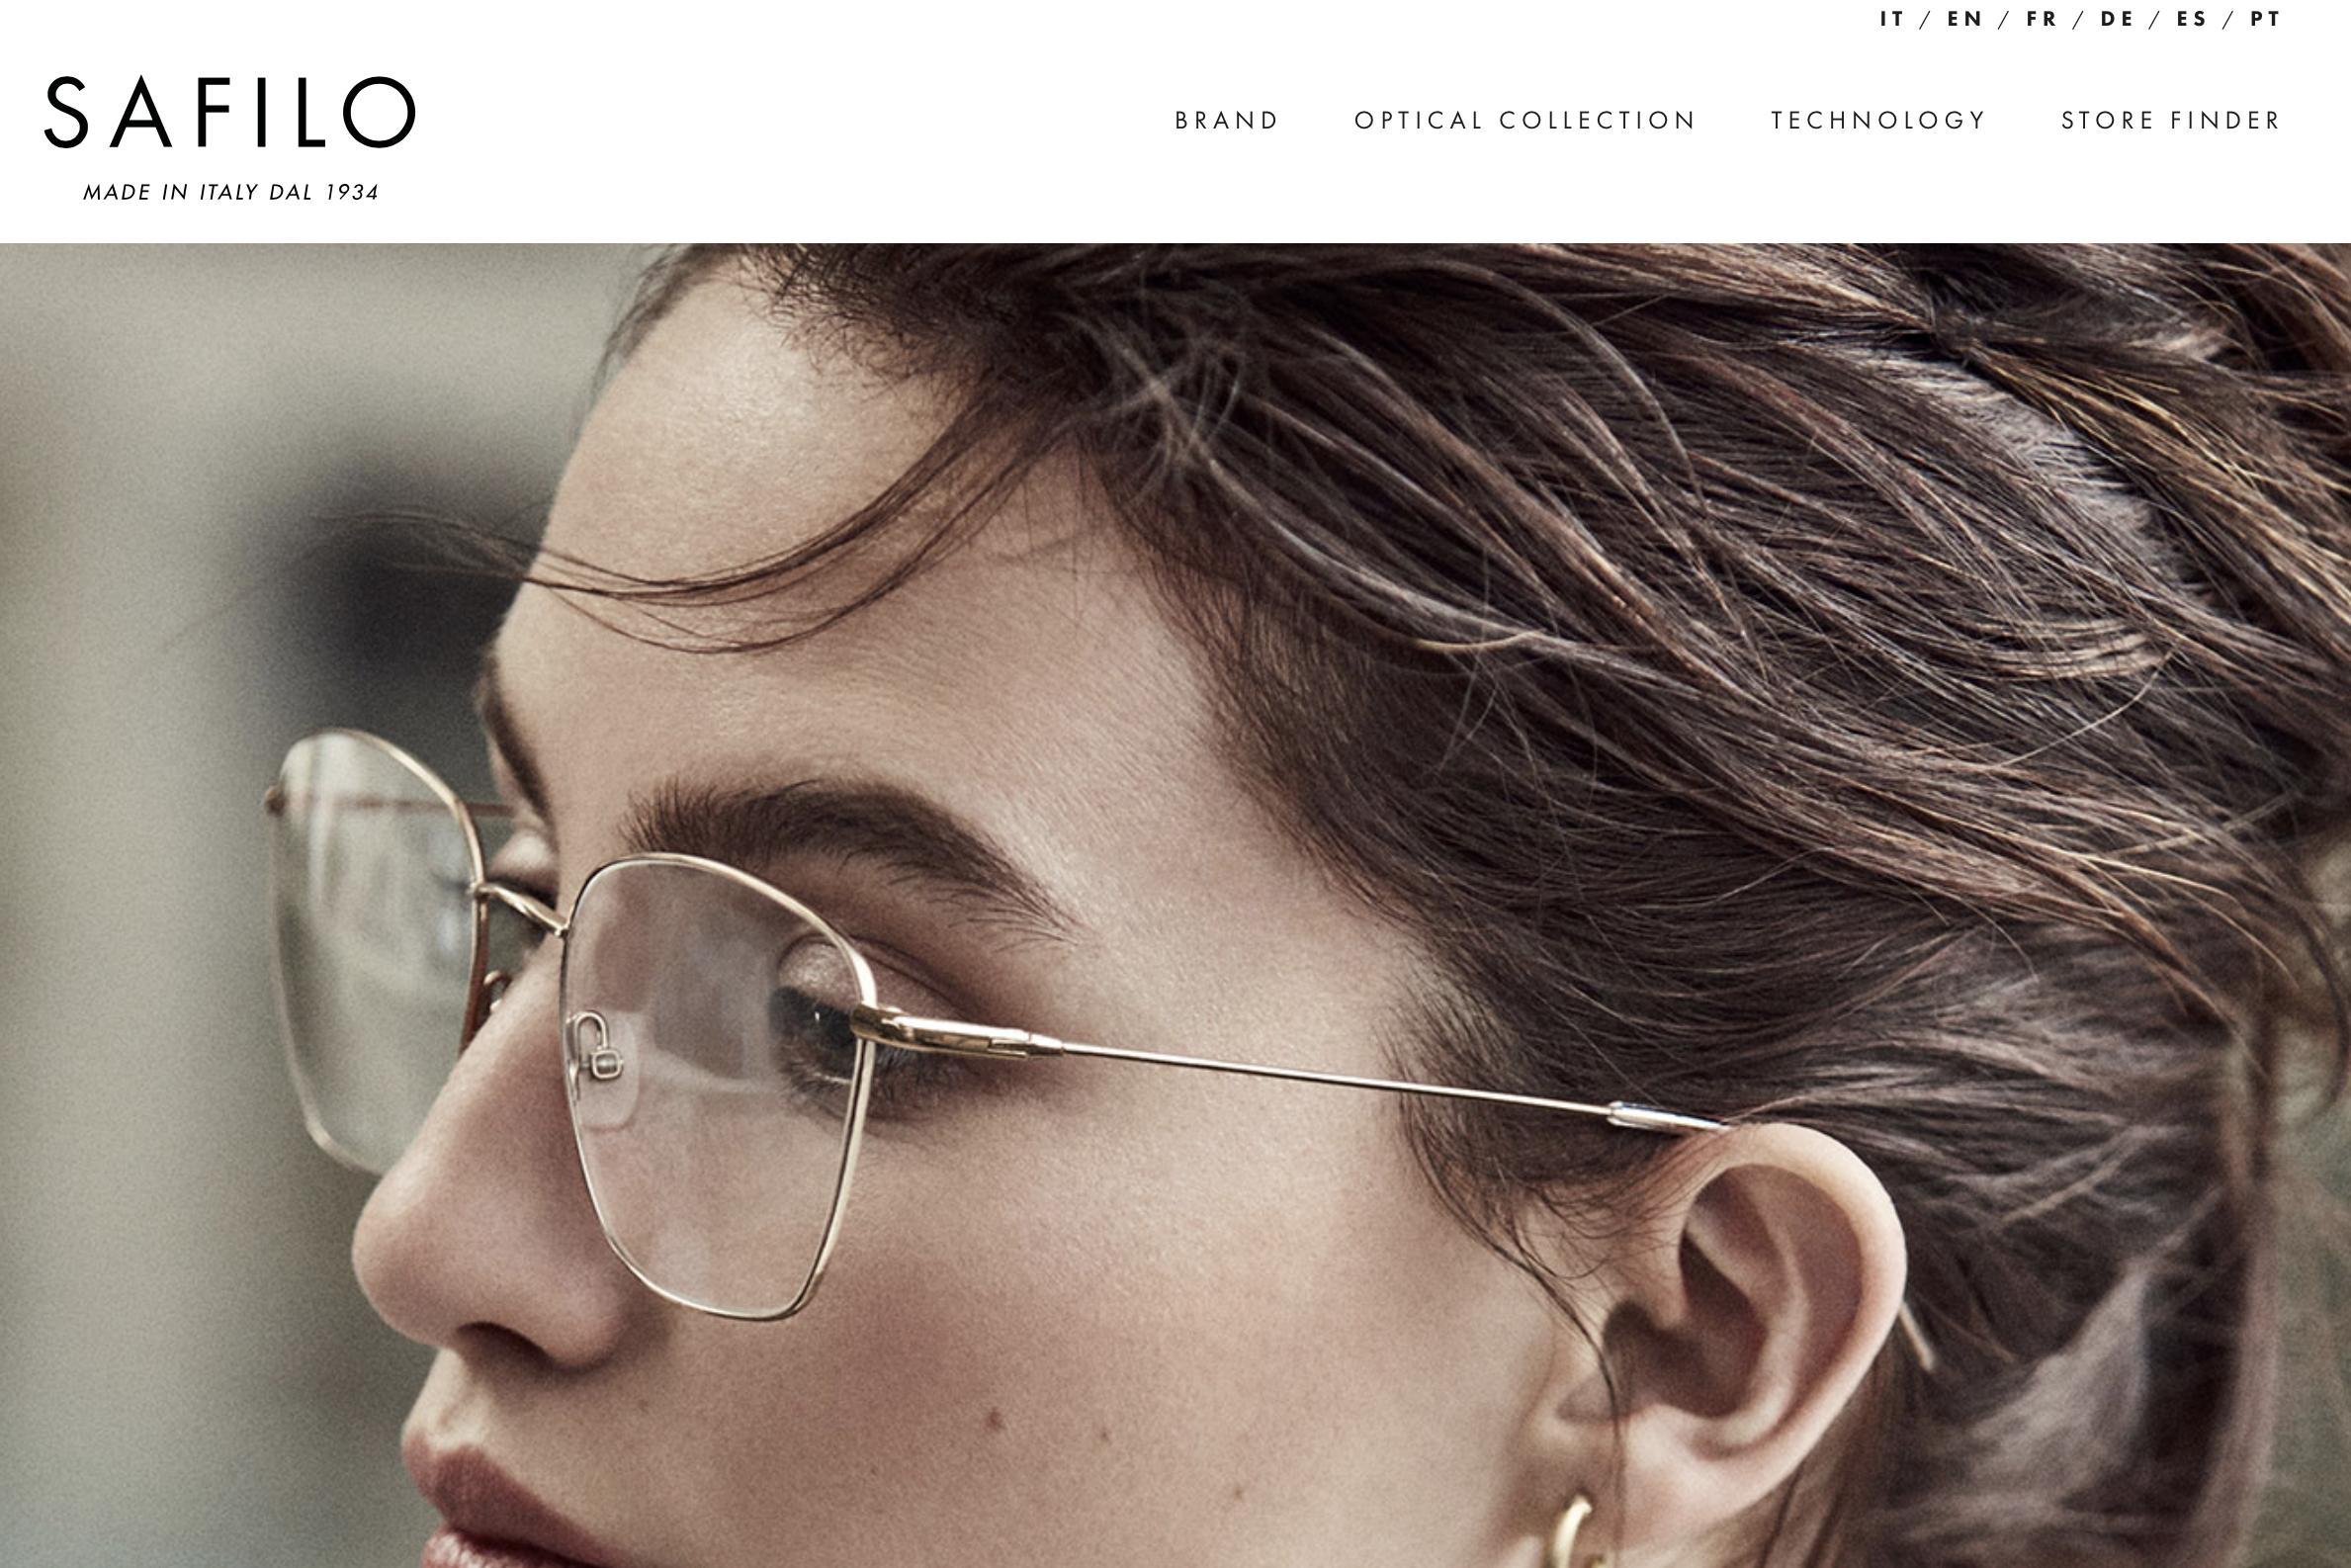 LVMH集团三大品牌眼镜授权到期不续,Safilo预计损失达2亿欧元,股价暴跌25%